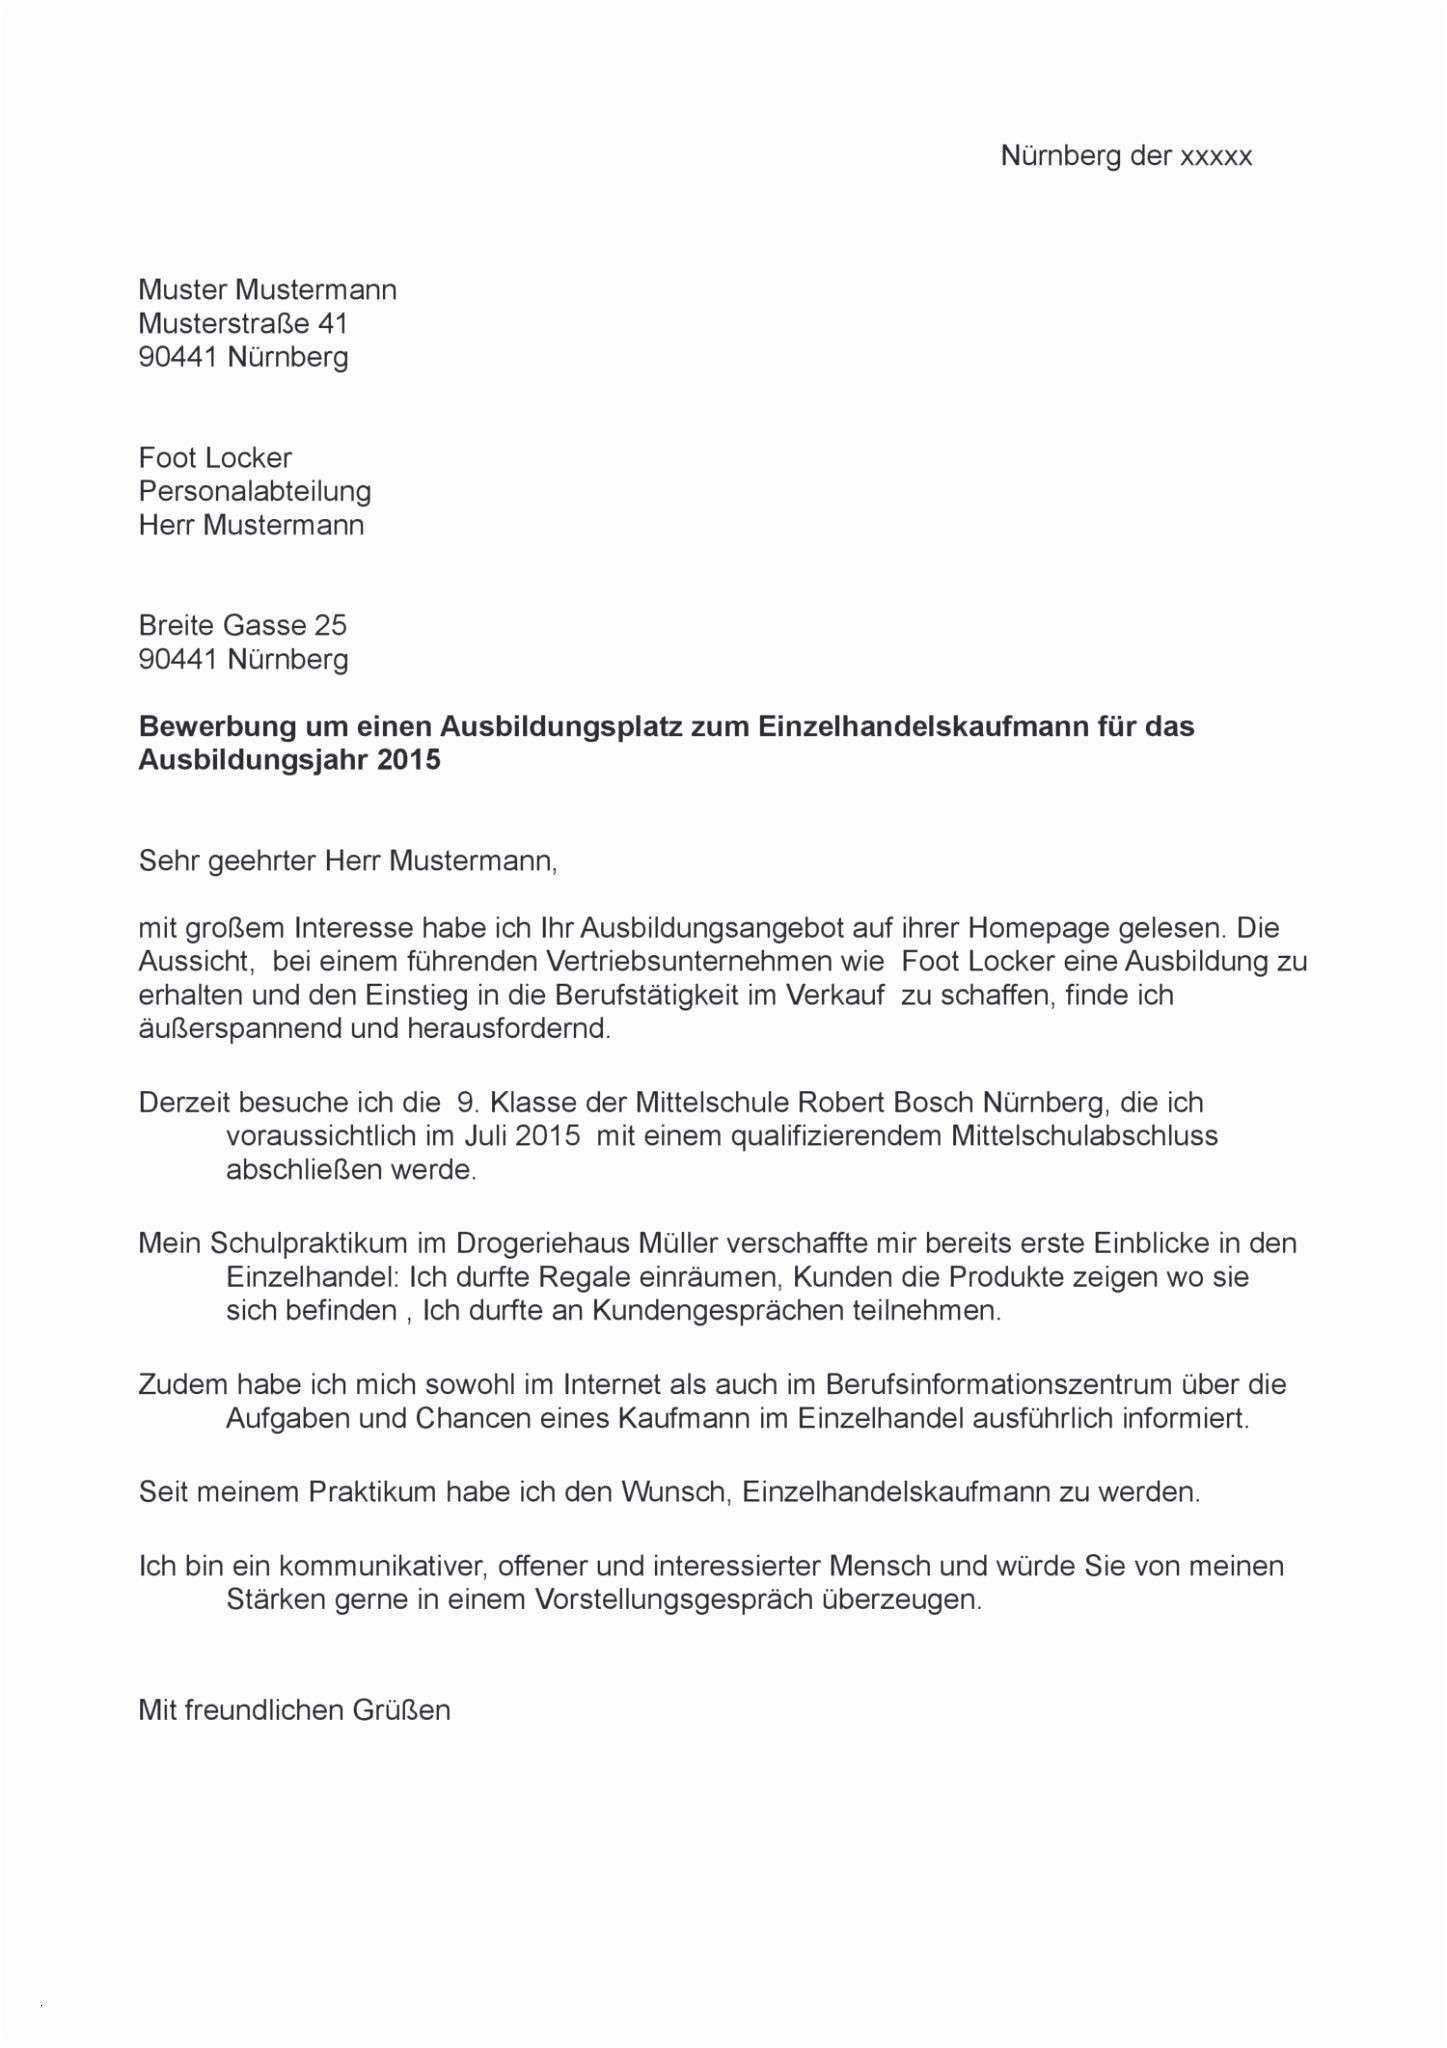 Wunderschon Rucktritt Ehrenamt Vorlage Cv Words Resume Template Free Resume Words